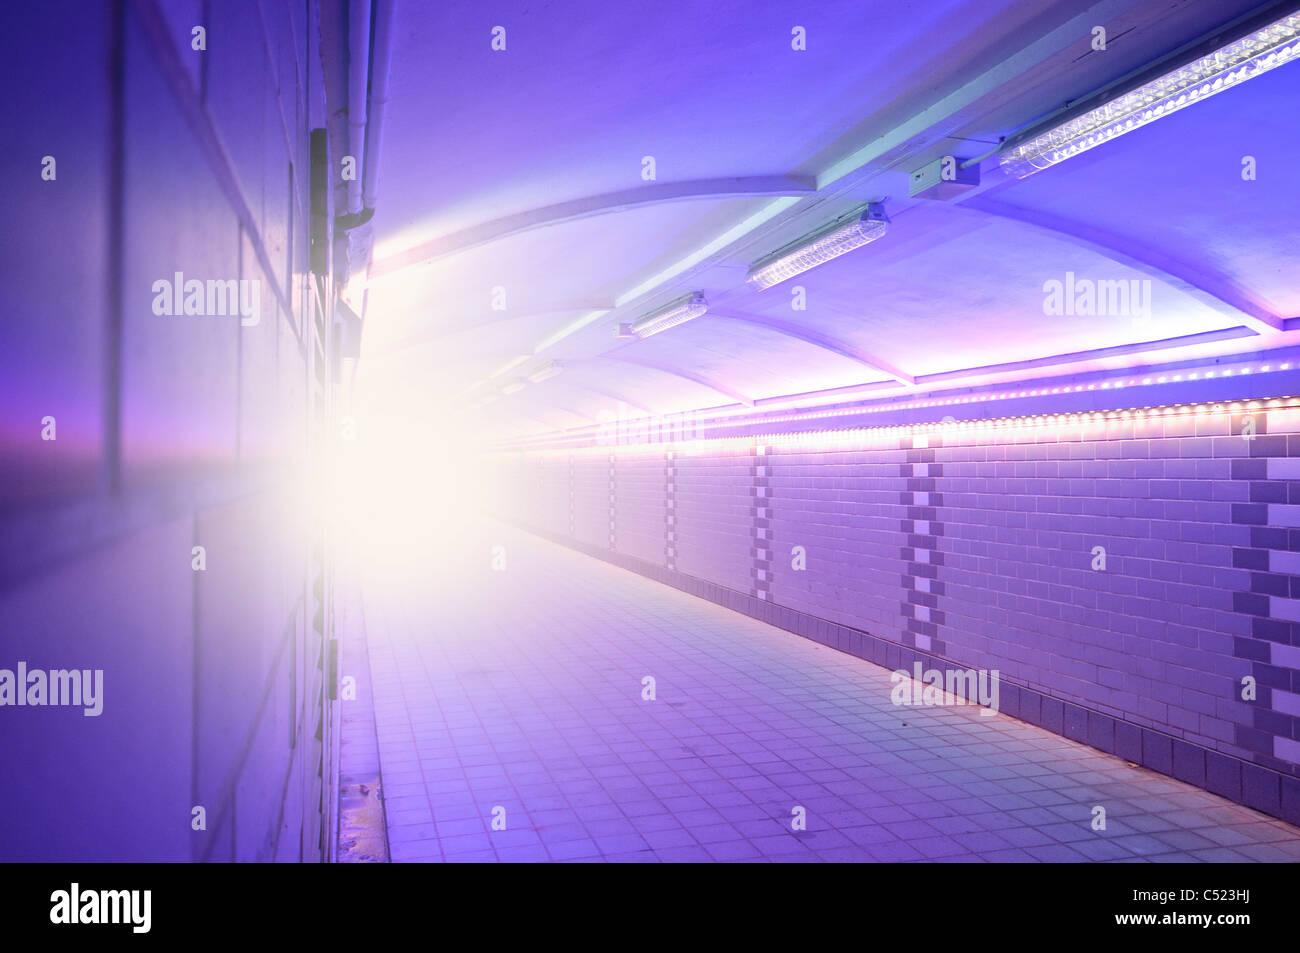 Symbolisches Bild, das Licht am Ende des Tunnels Stockbild